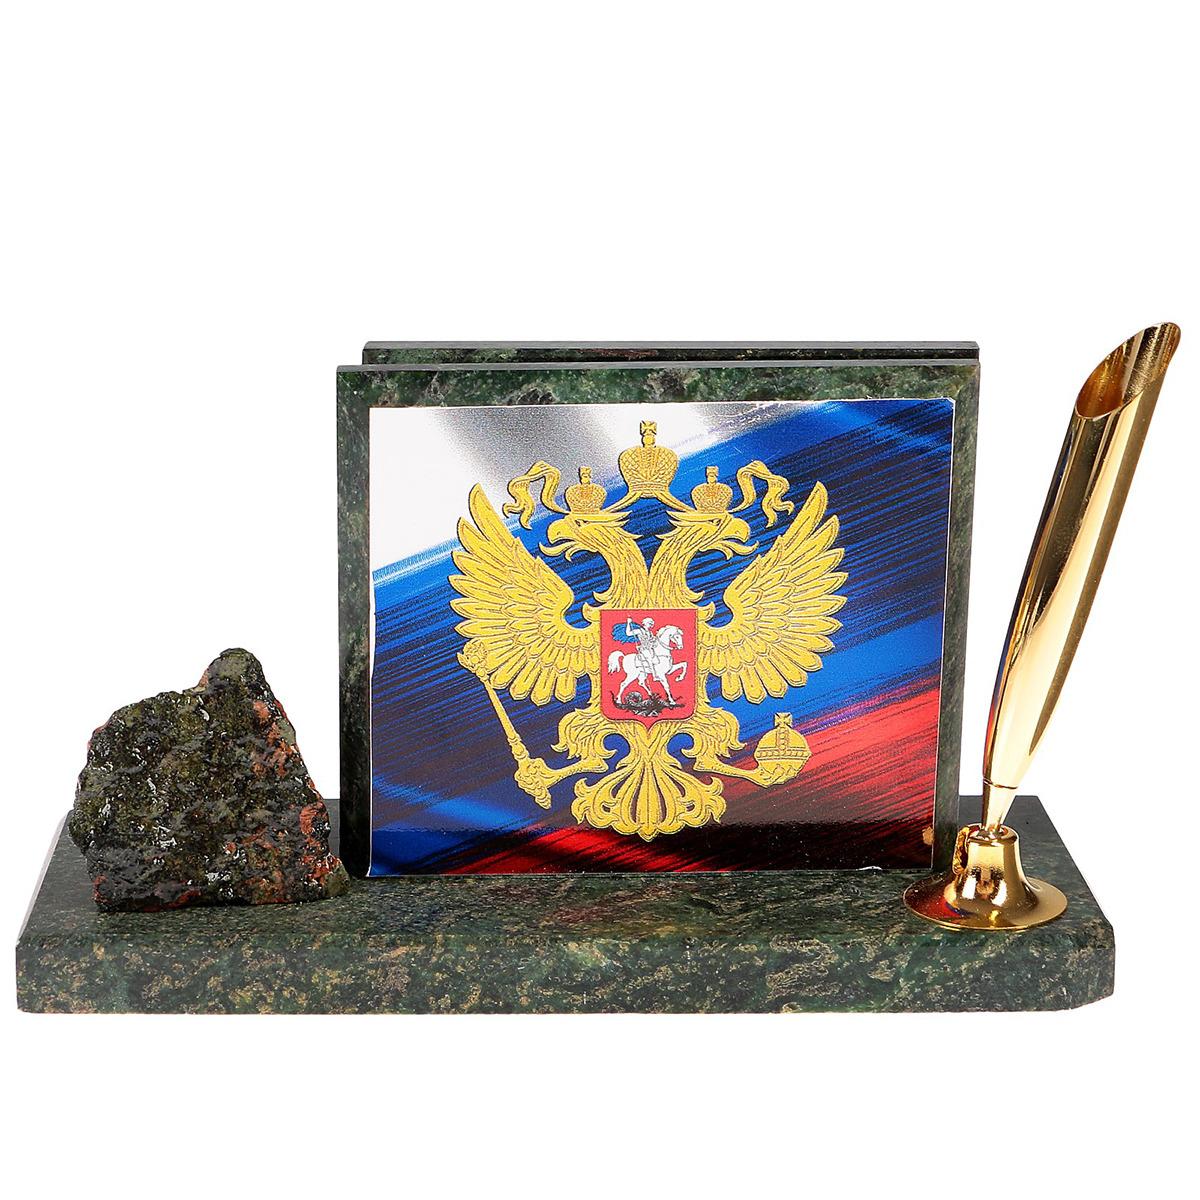 Канцелярский набор Флаг с гербом, 3527981, зеленый